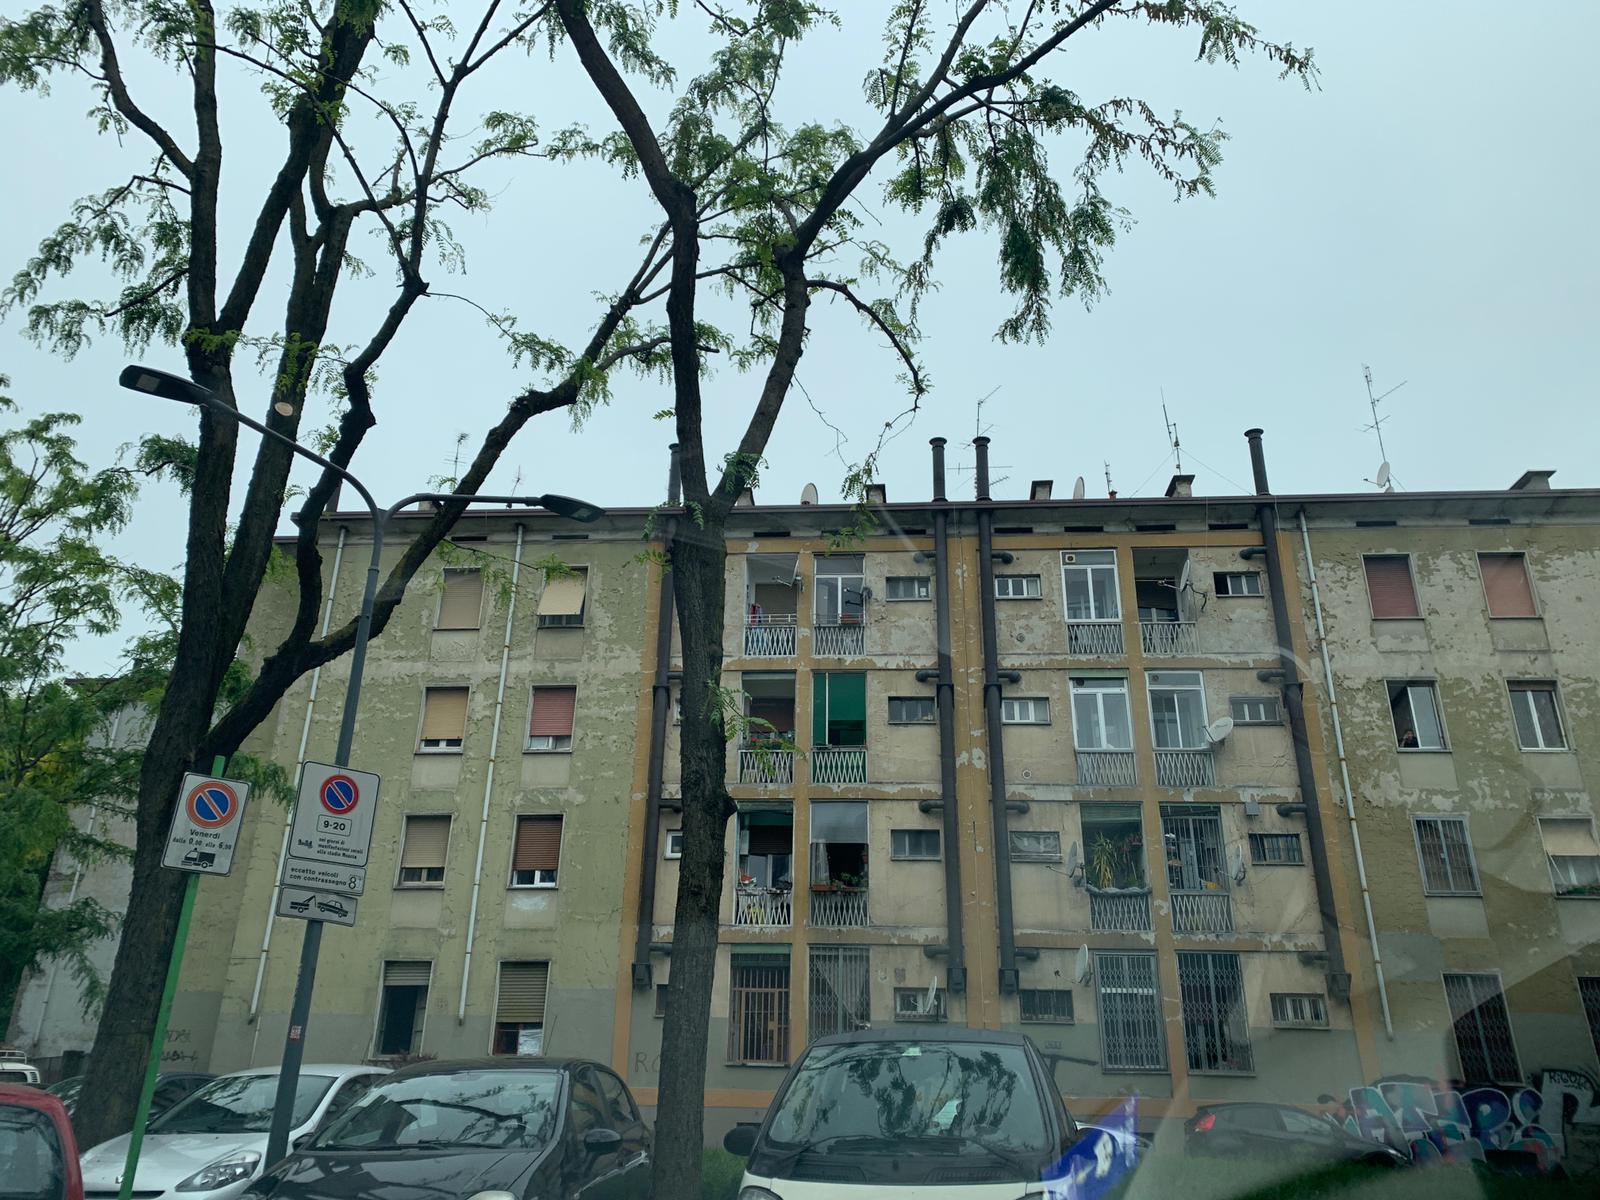 Aler. Via Ricciarelli a Milano: gli investimenti annunciati non hanno la copertura finanziaria